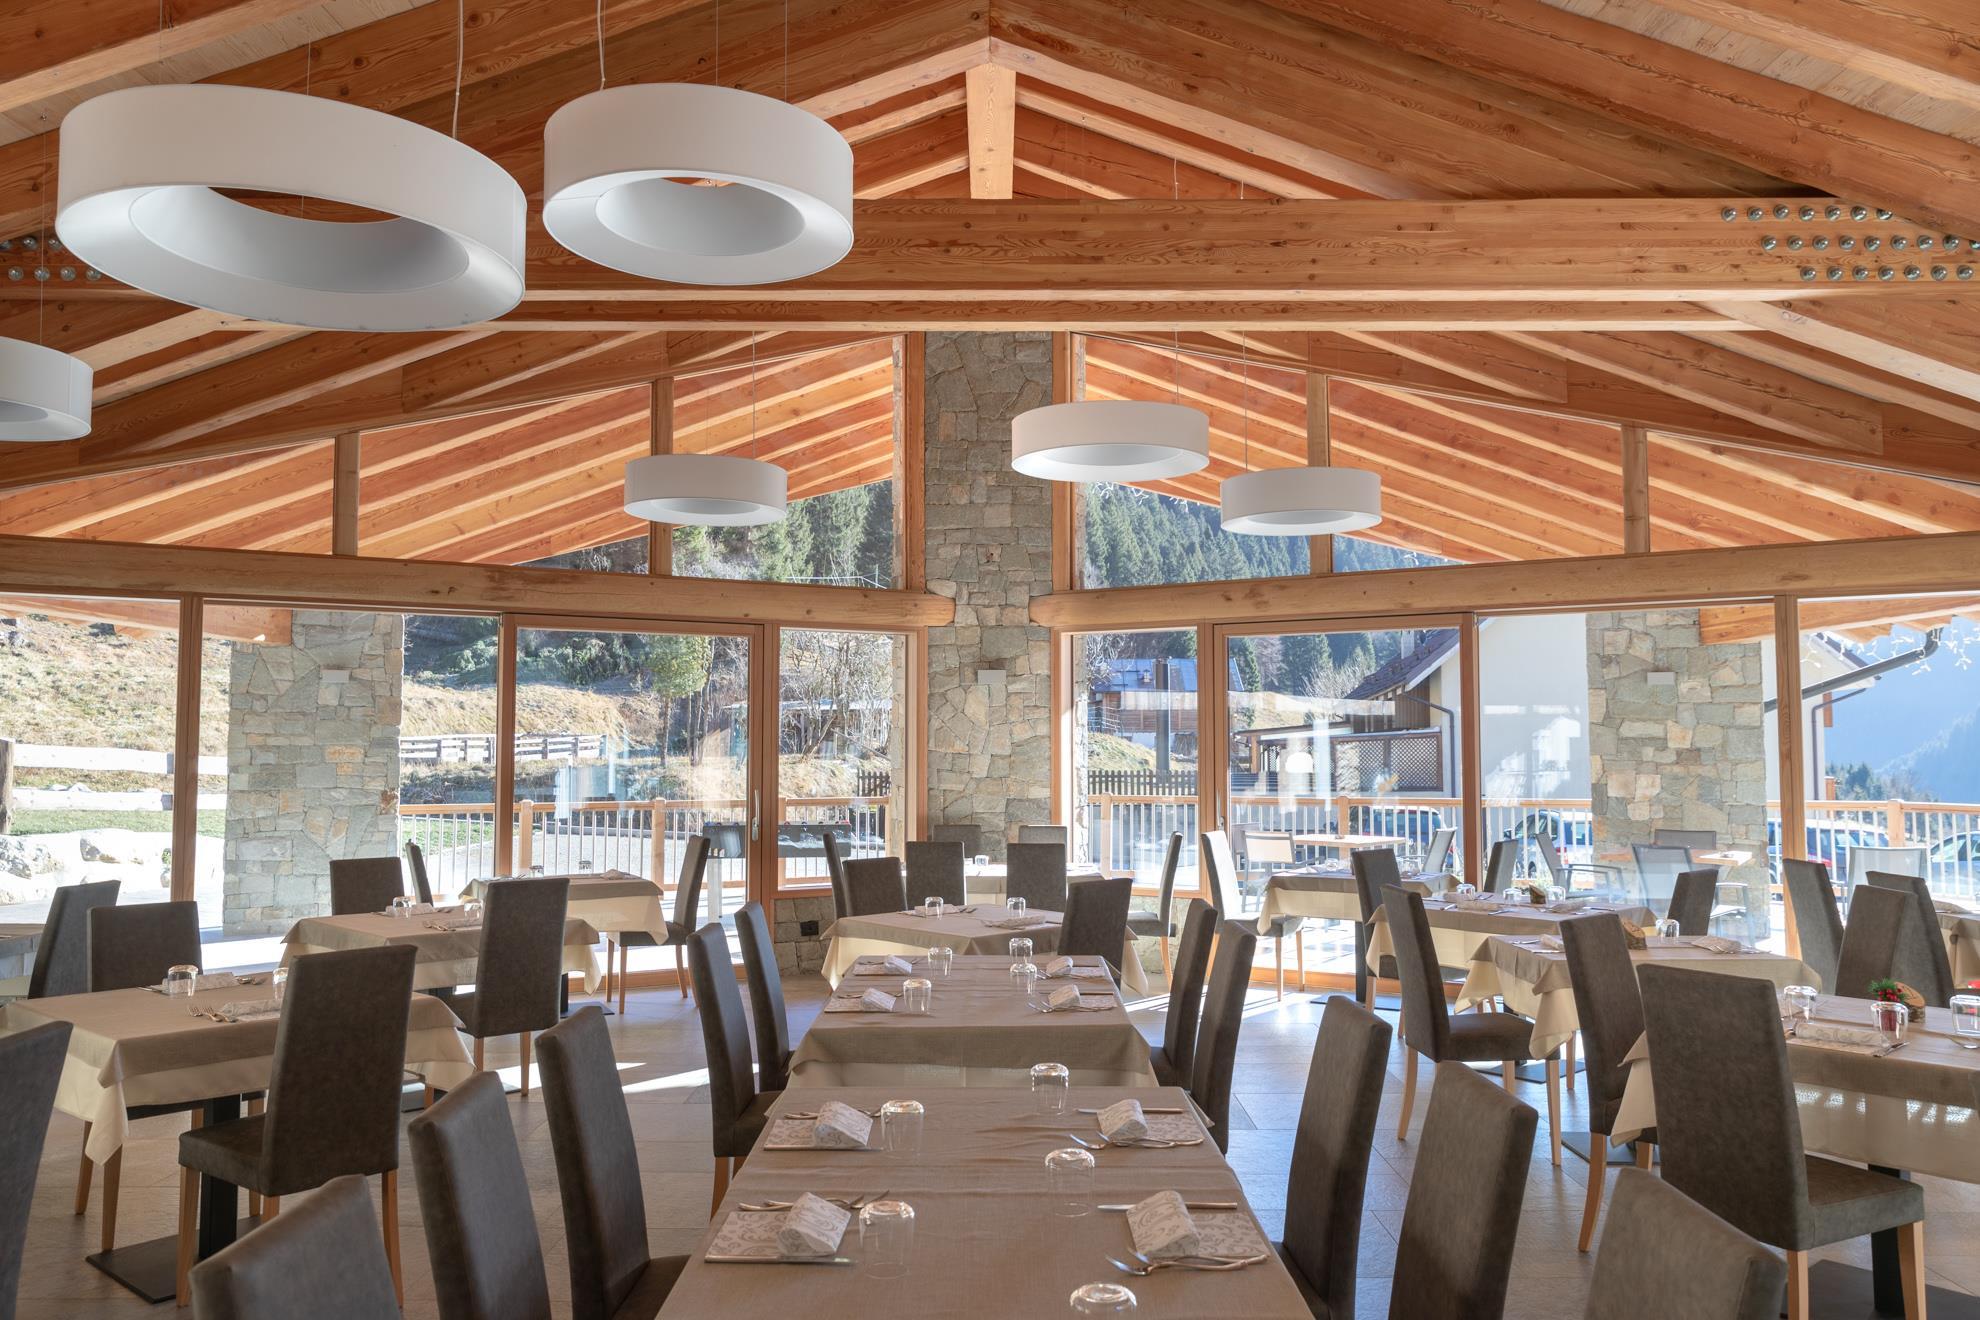 sala da pranzo_hotelaurai